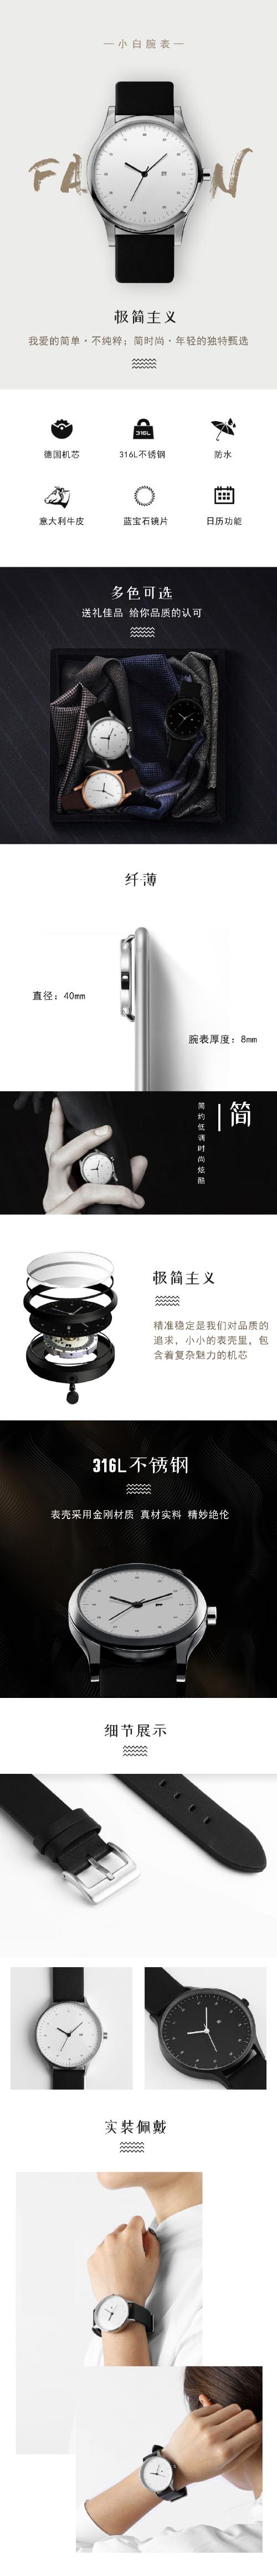 $簡約大氣手表淘寶詳情頁展示